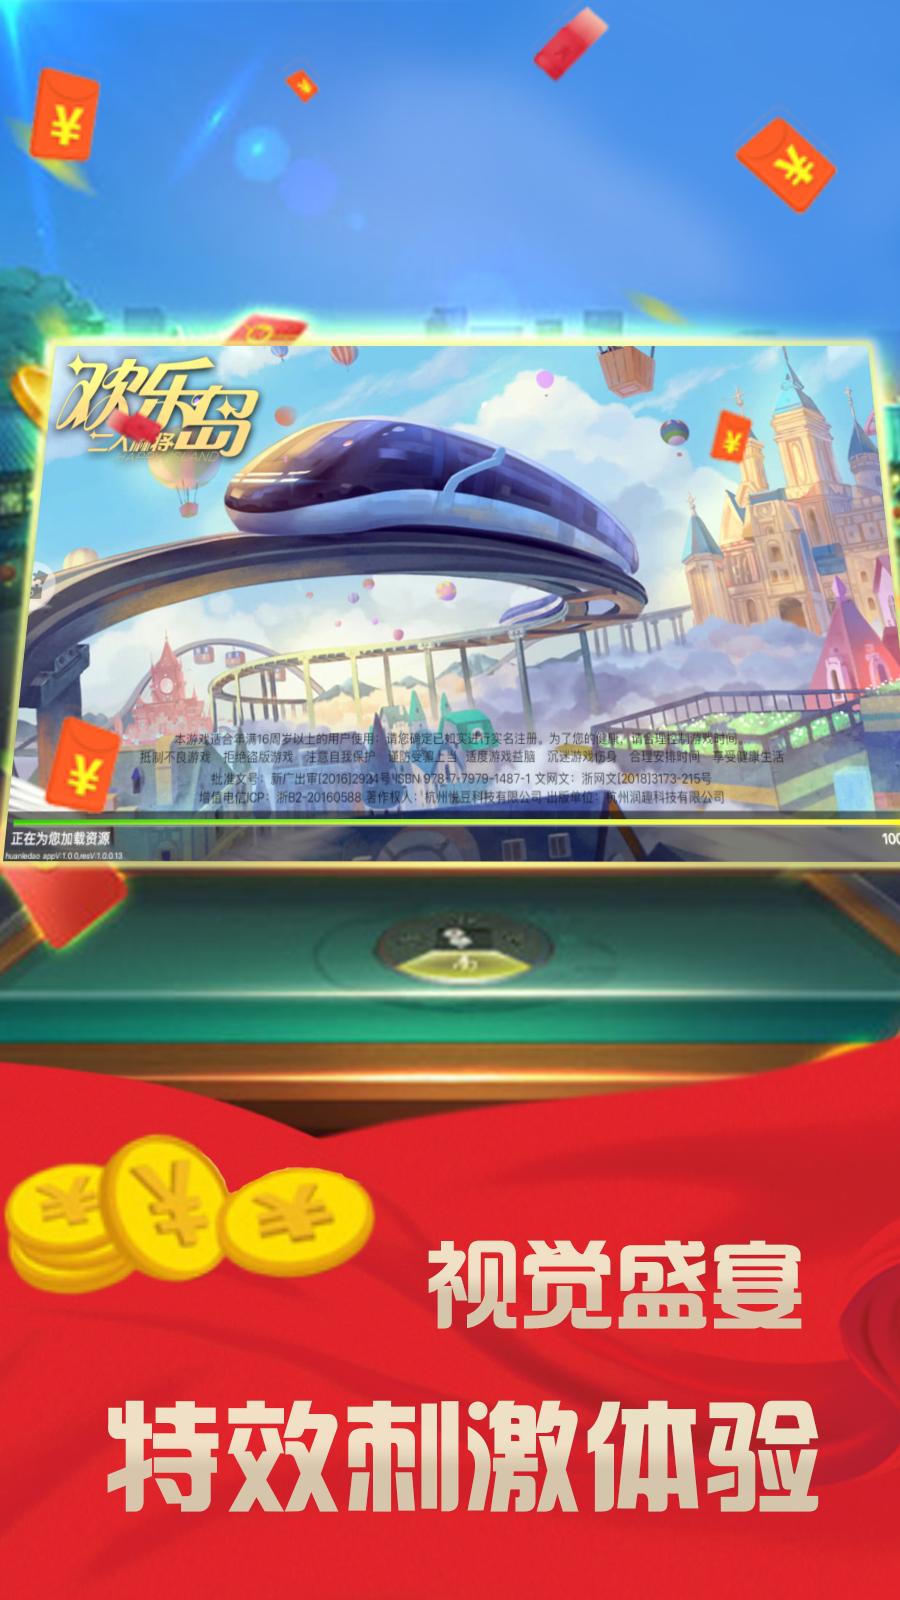 欢乐岛二人麻将游戏截图